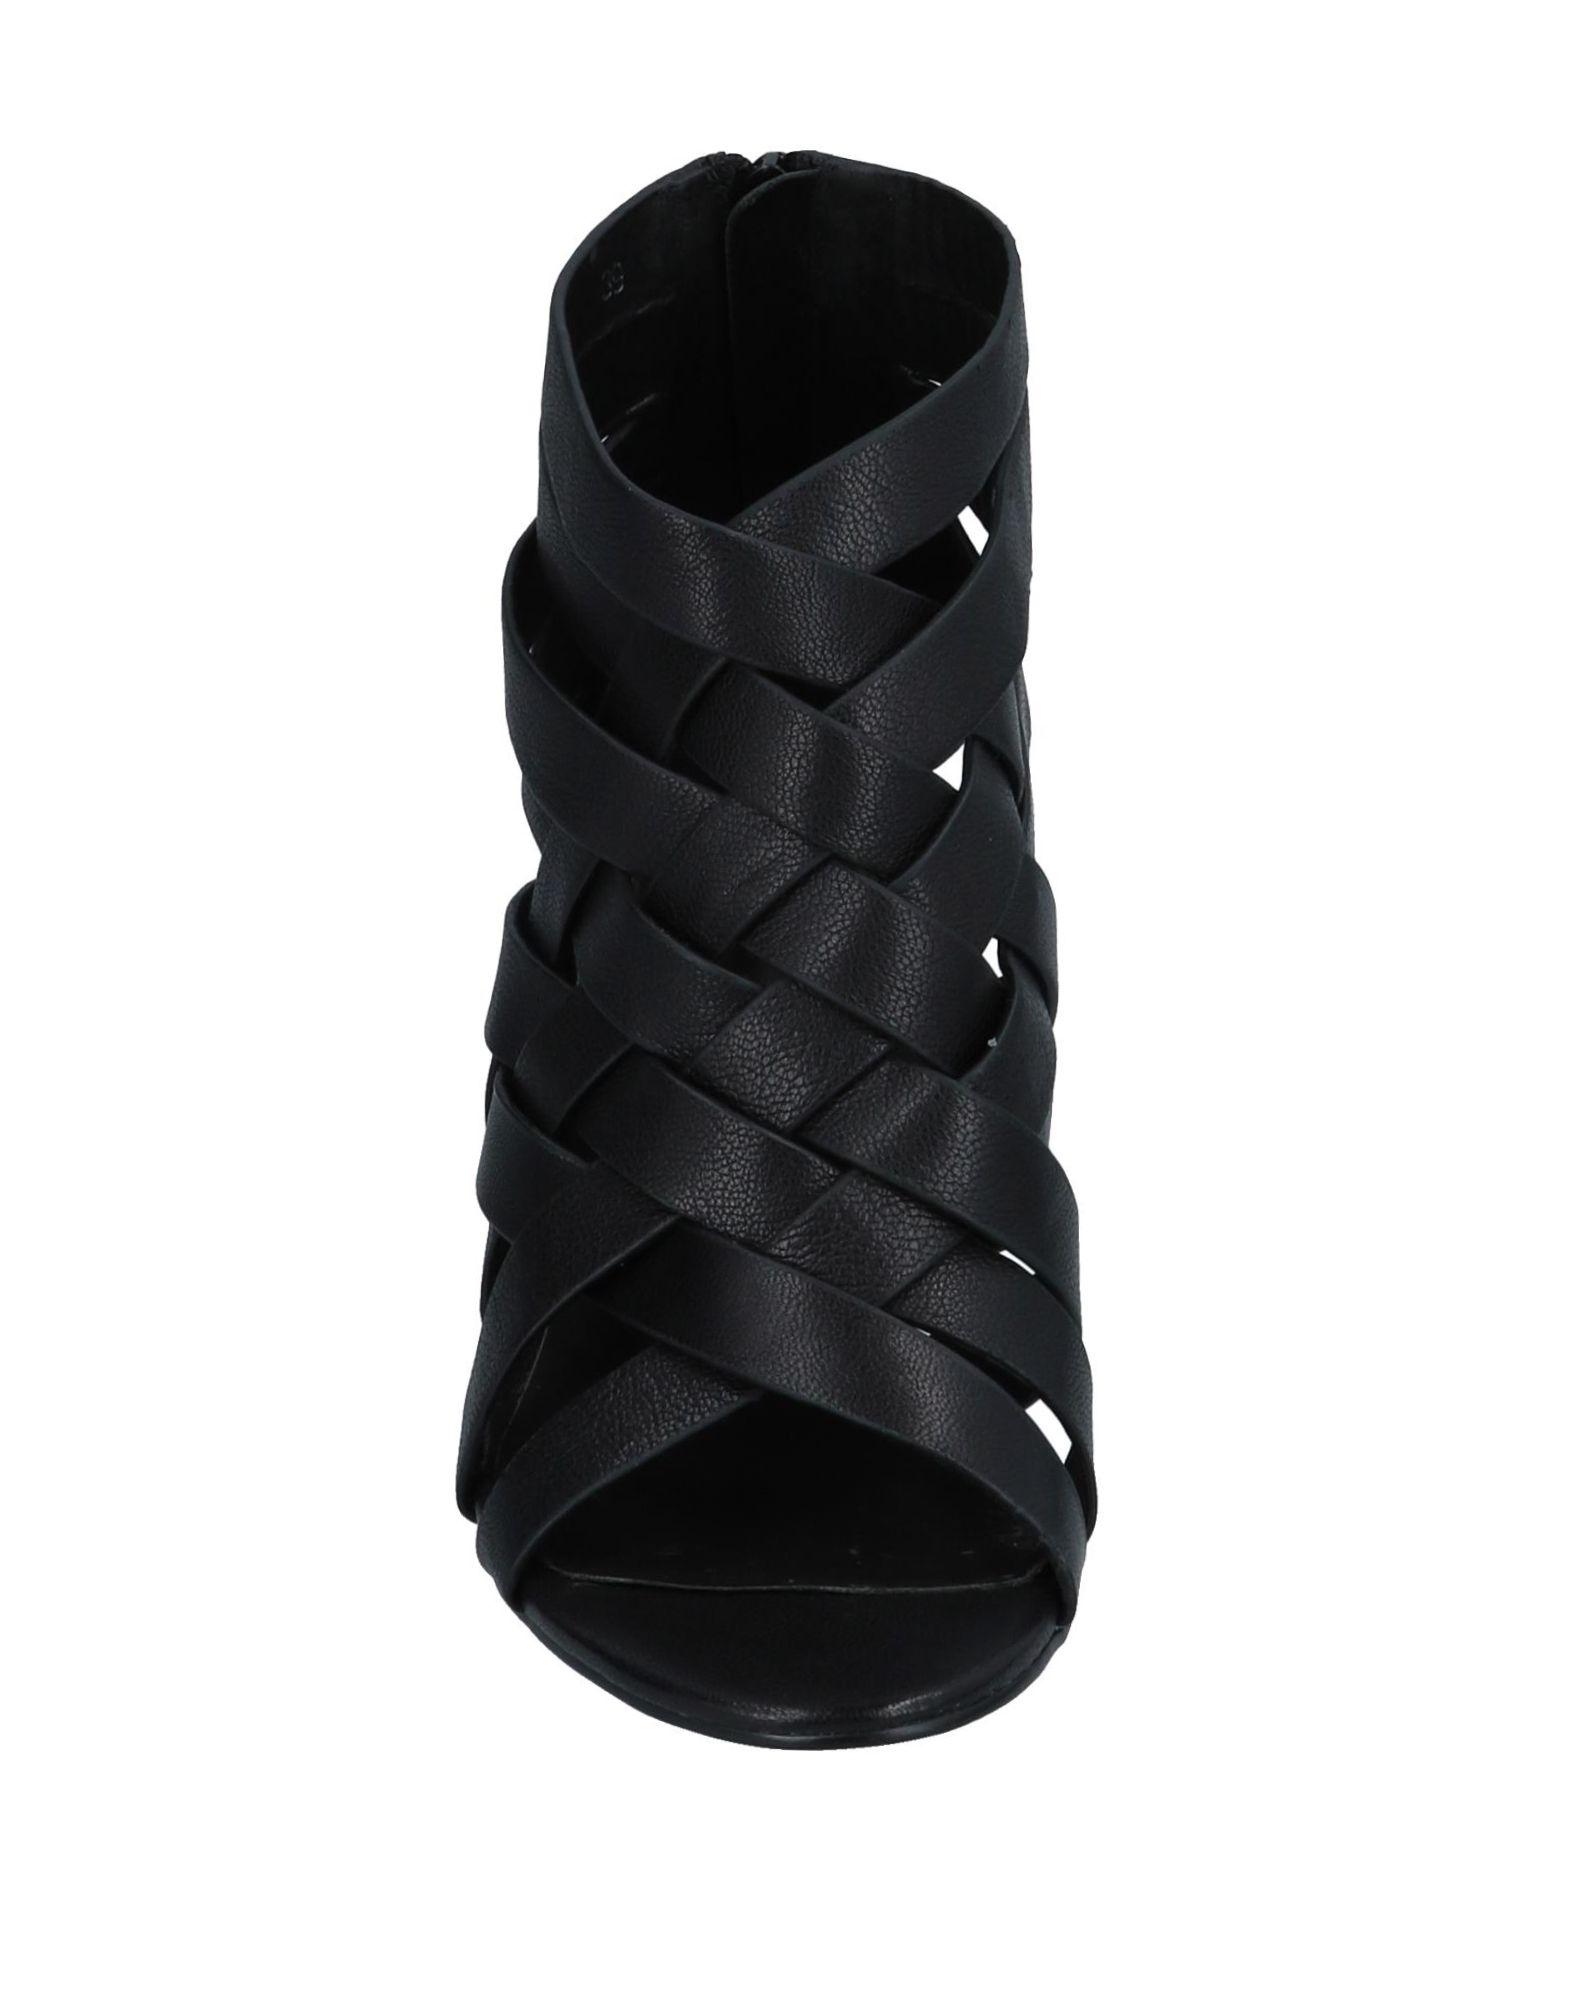 La Femme 11556826VH Plus Sandalen Damen  11556826VH Femme Gute Qualität beliebte Schuhe c853c6